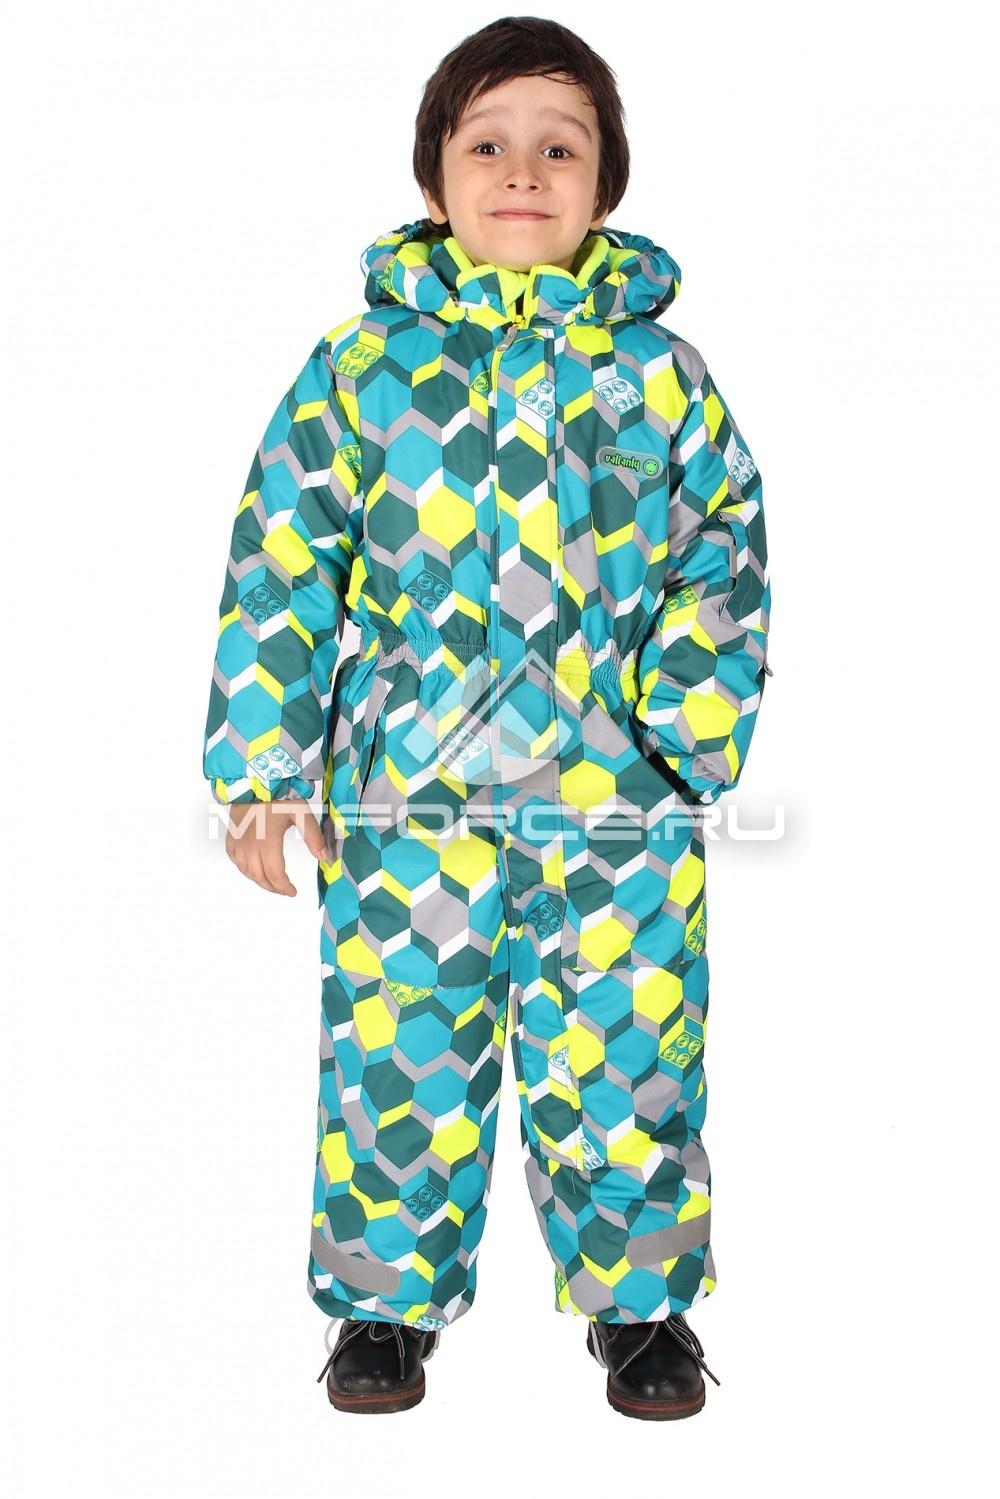 Купить                                  оптом Комбинезон горнолыжный детский зеленого цвета 6102Z